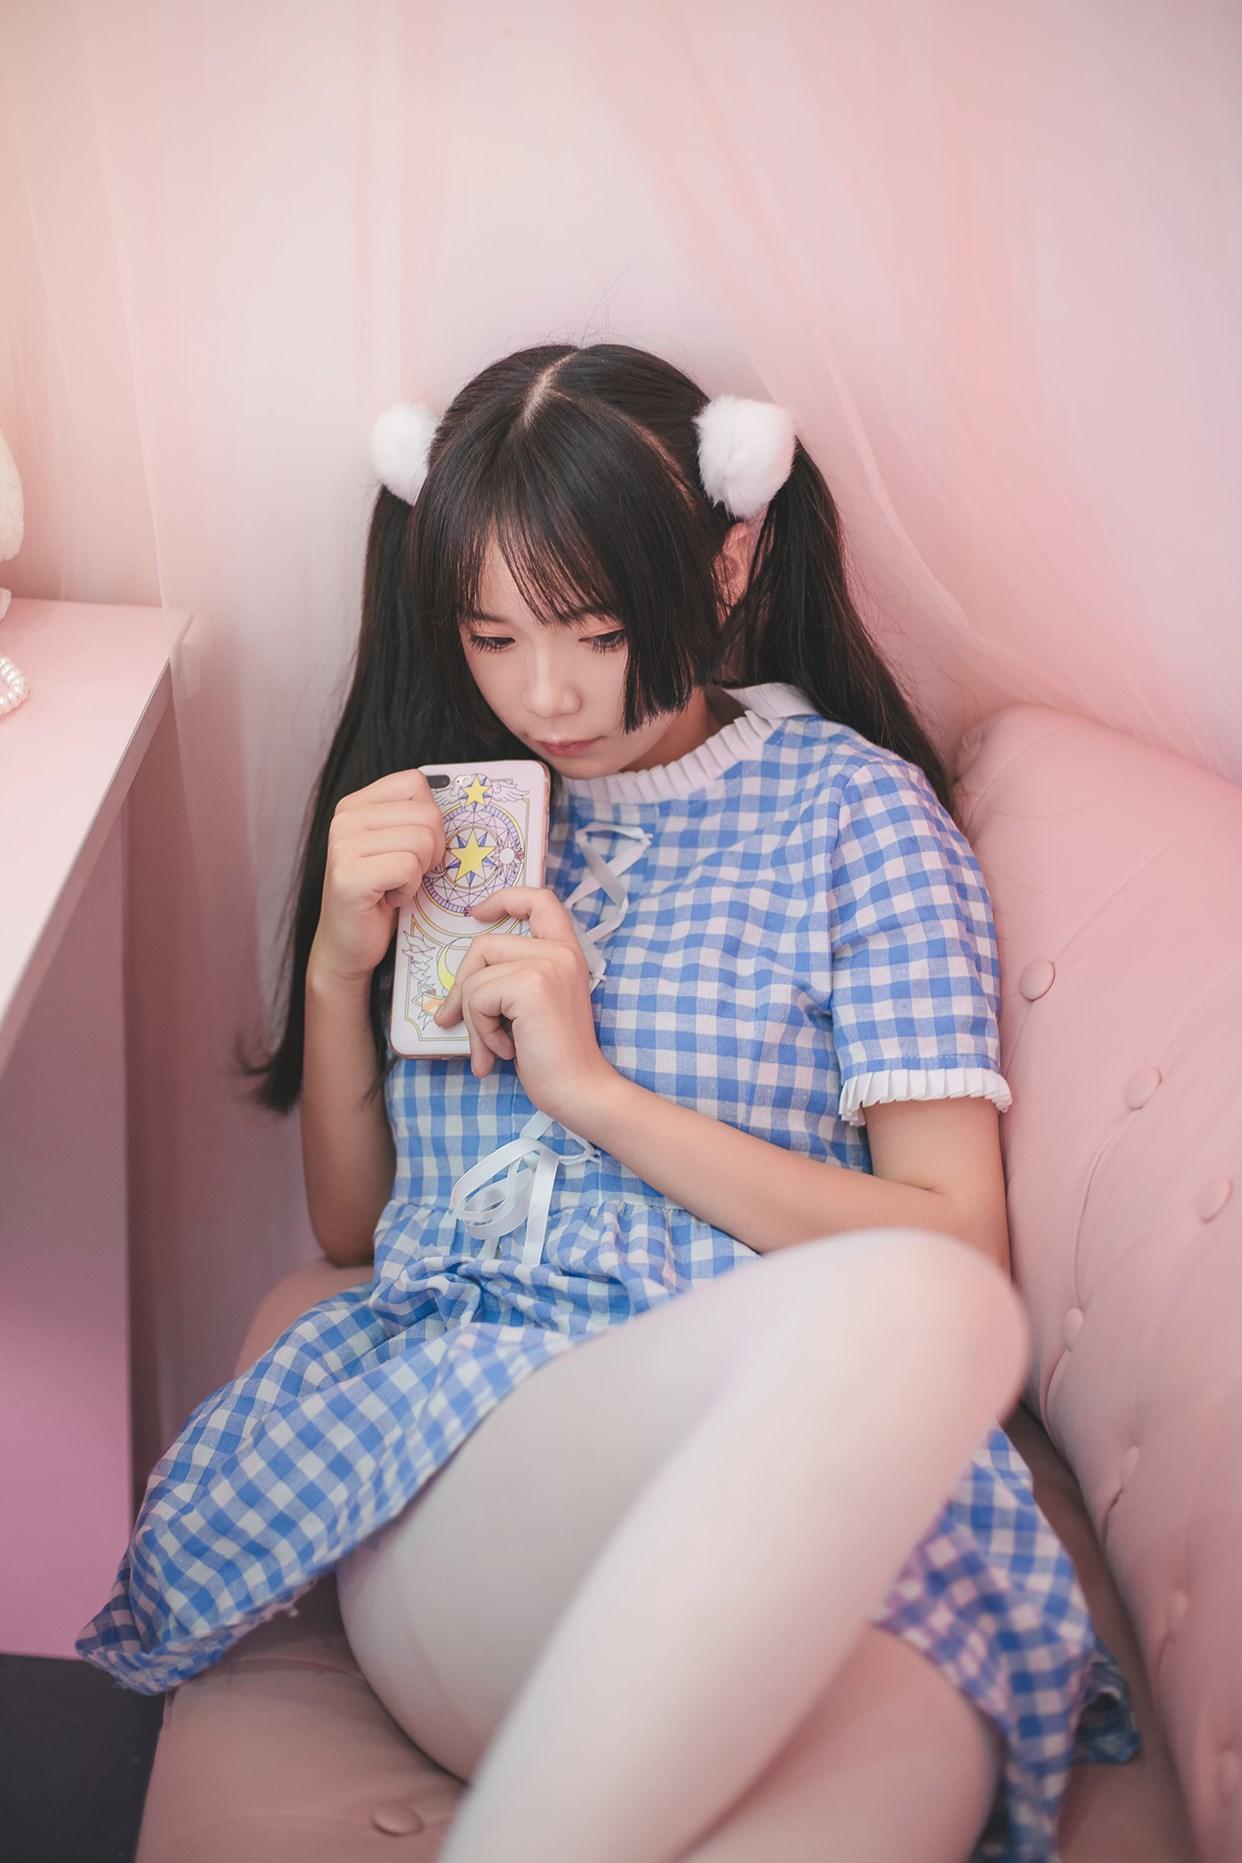 【兔玩映画】粉色的小萝莉 兔玩映画 第11张